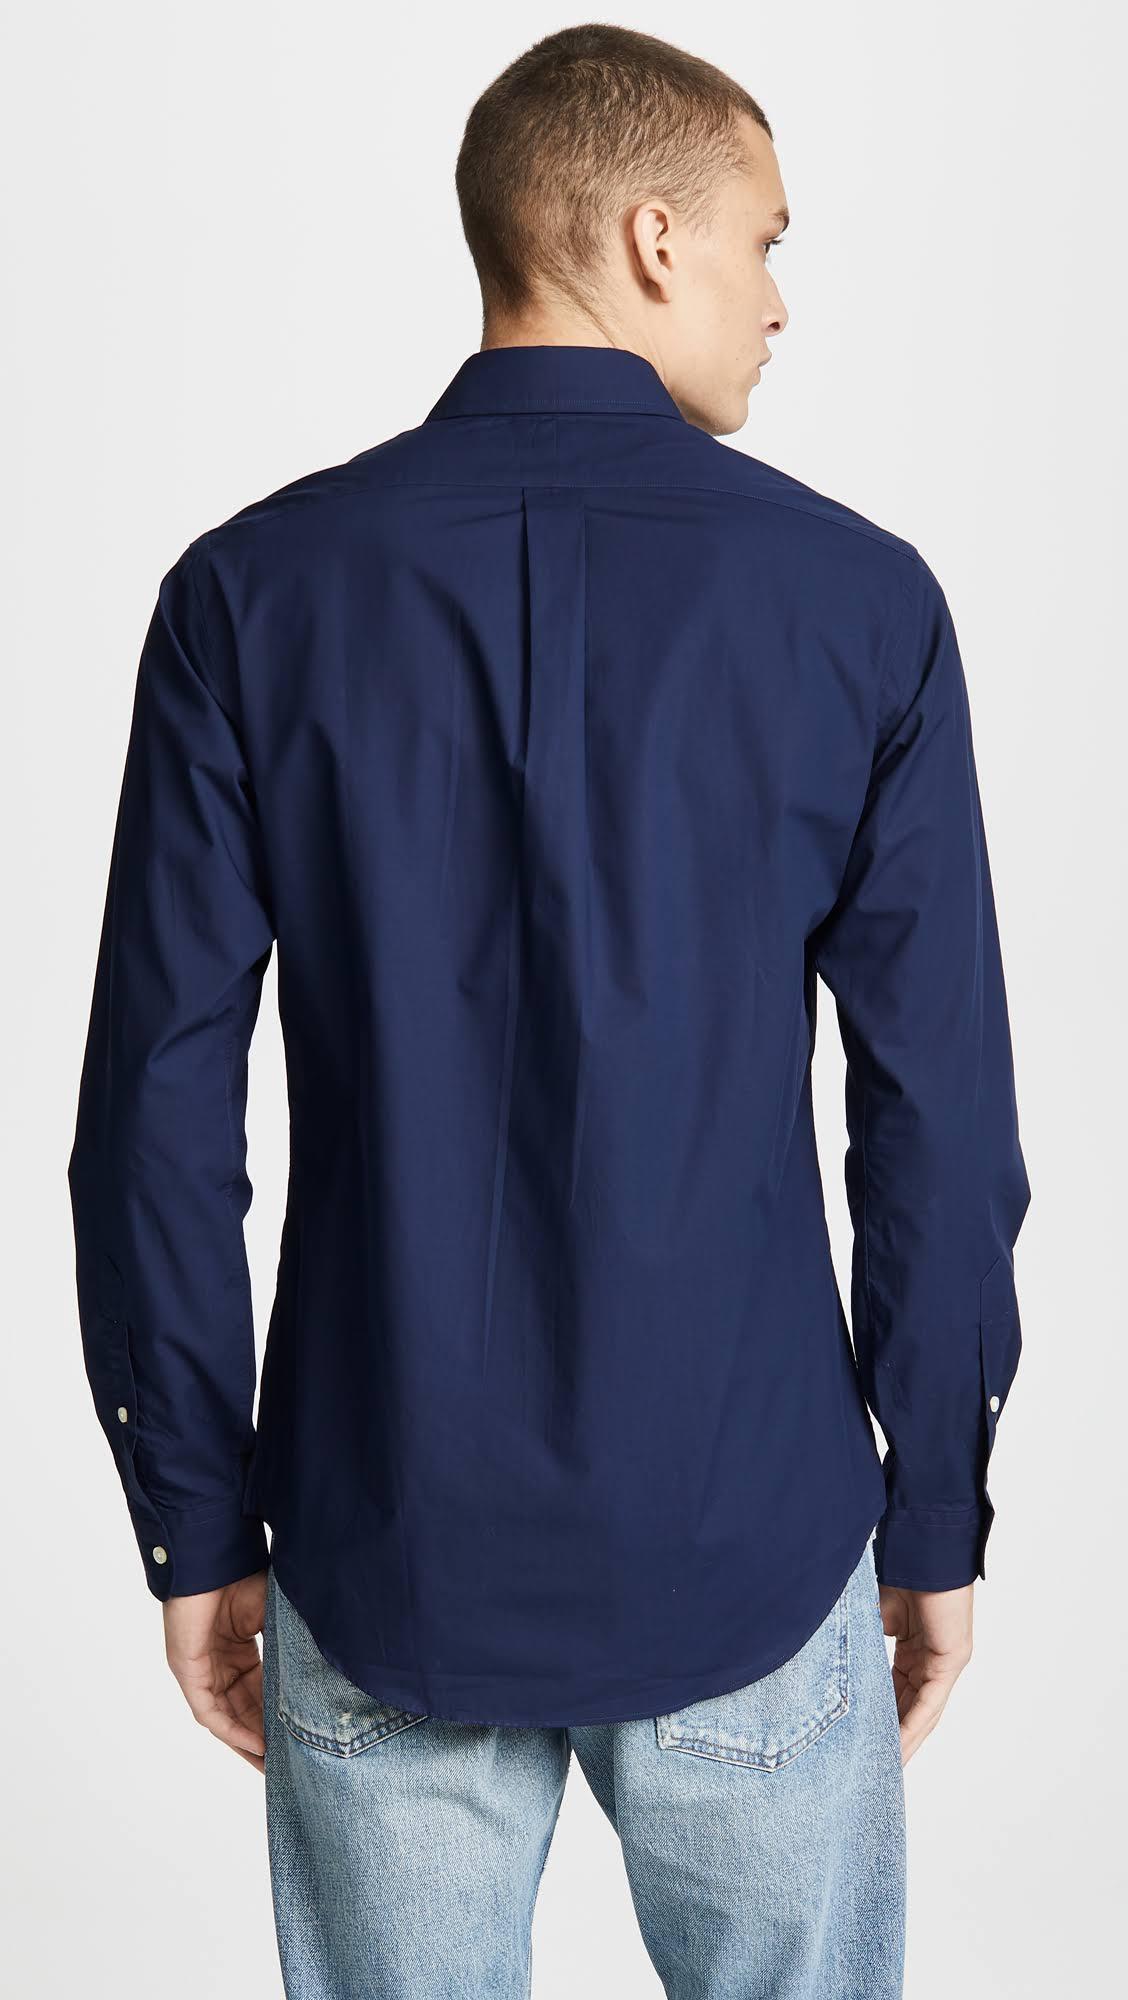 En Camisa Slim De Fit Newport Lauren Navy Popelina S Talla Ralph npnxH7w